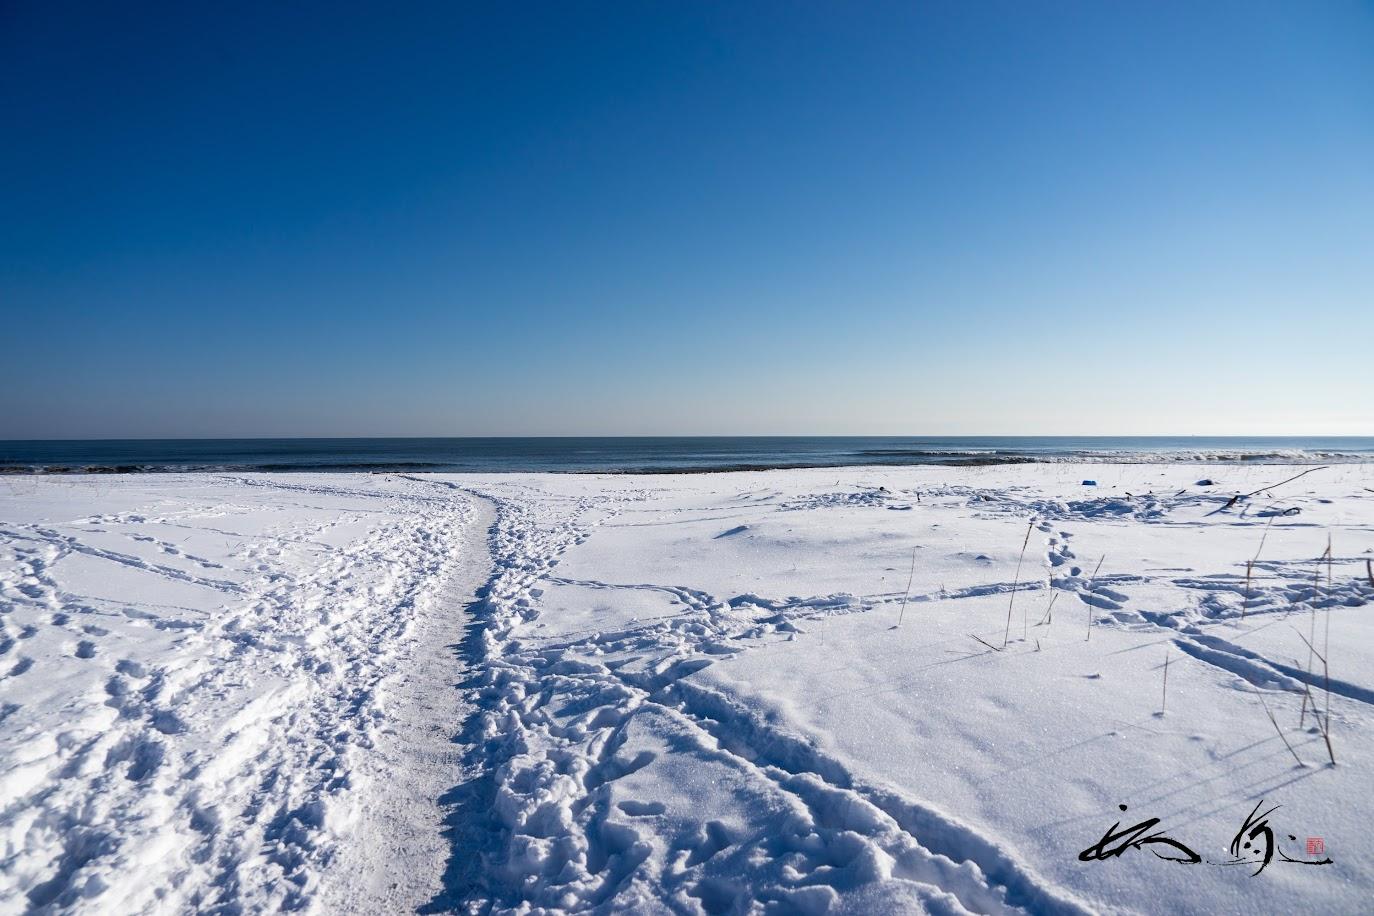 雪に覆われた海岸線